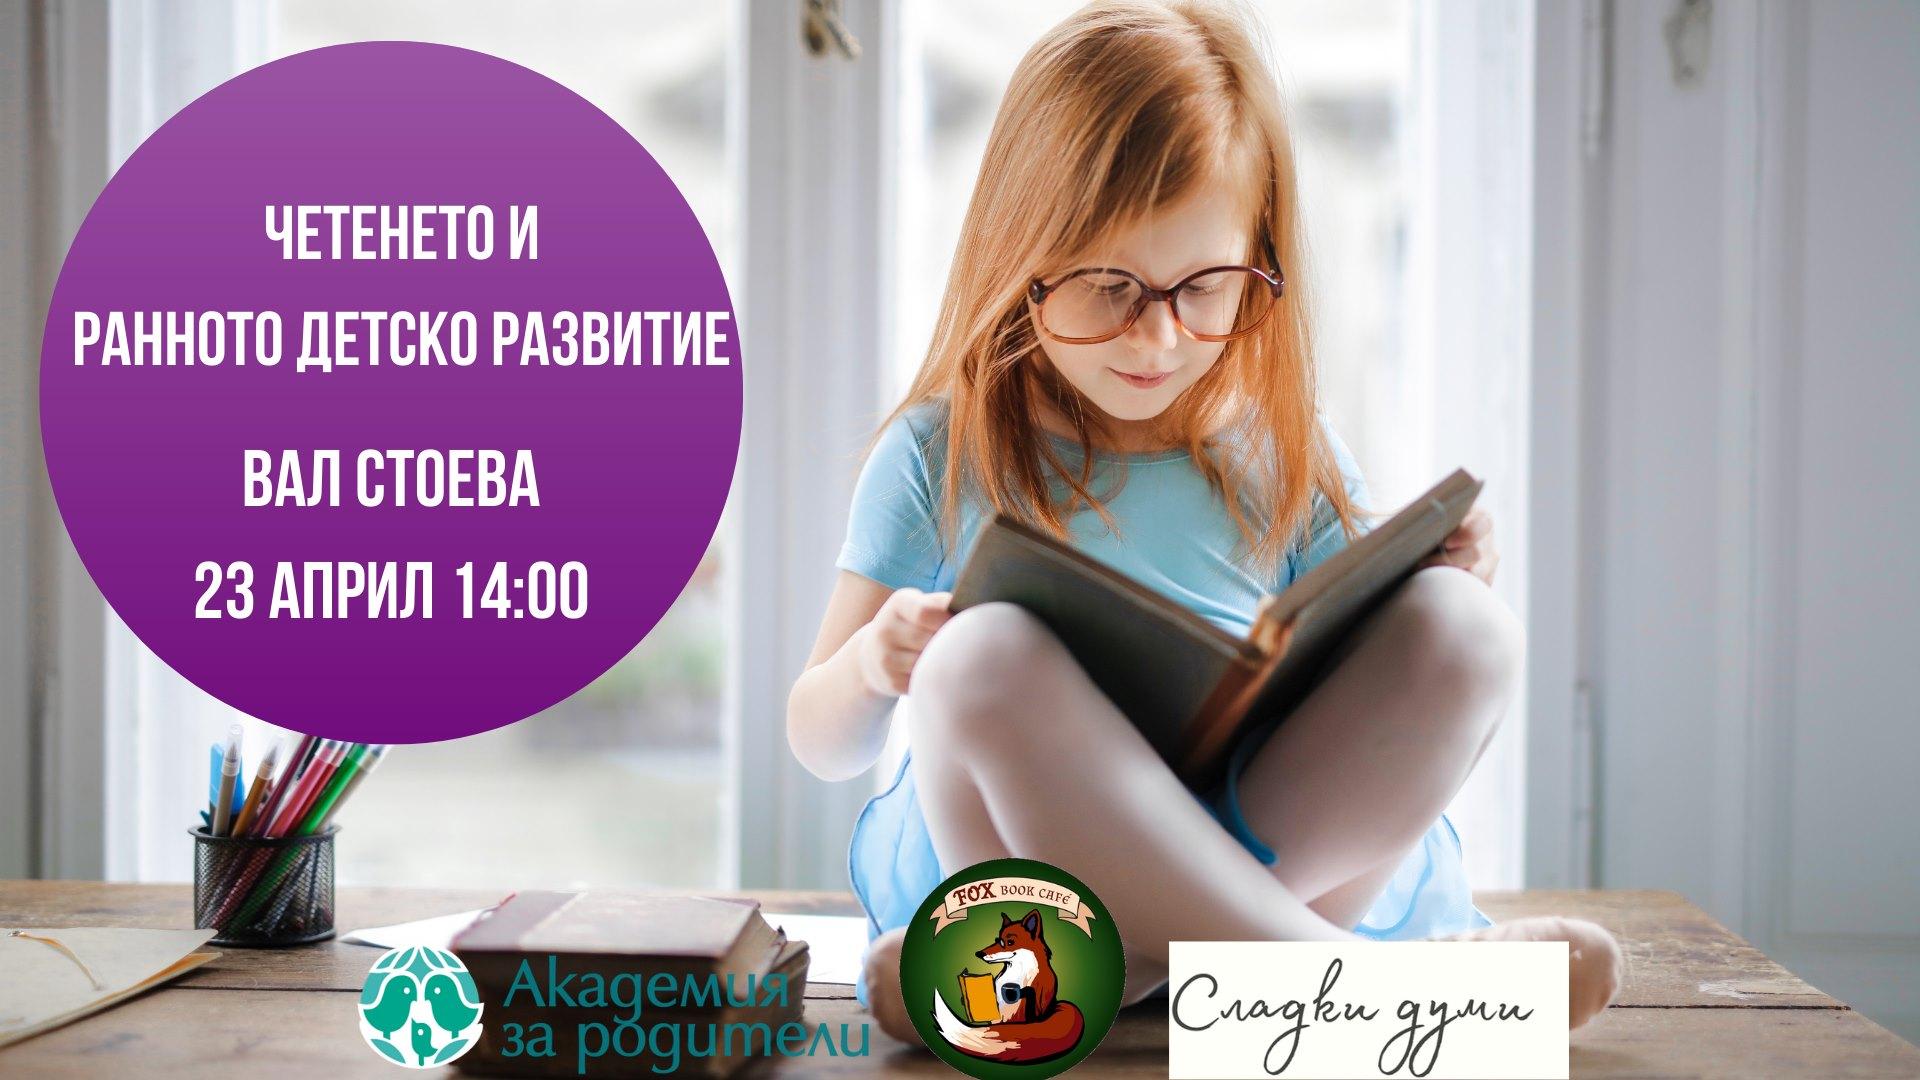 Четенето и ранното детско развитие